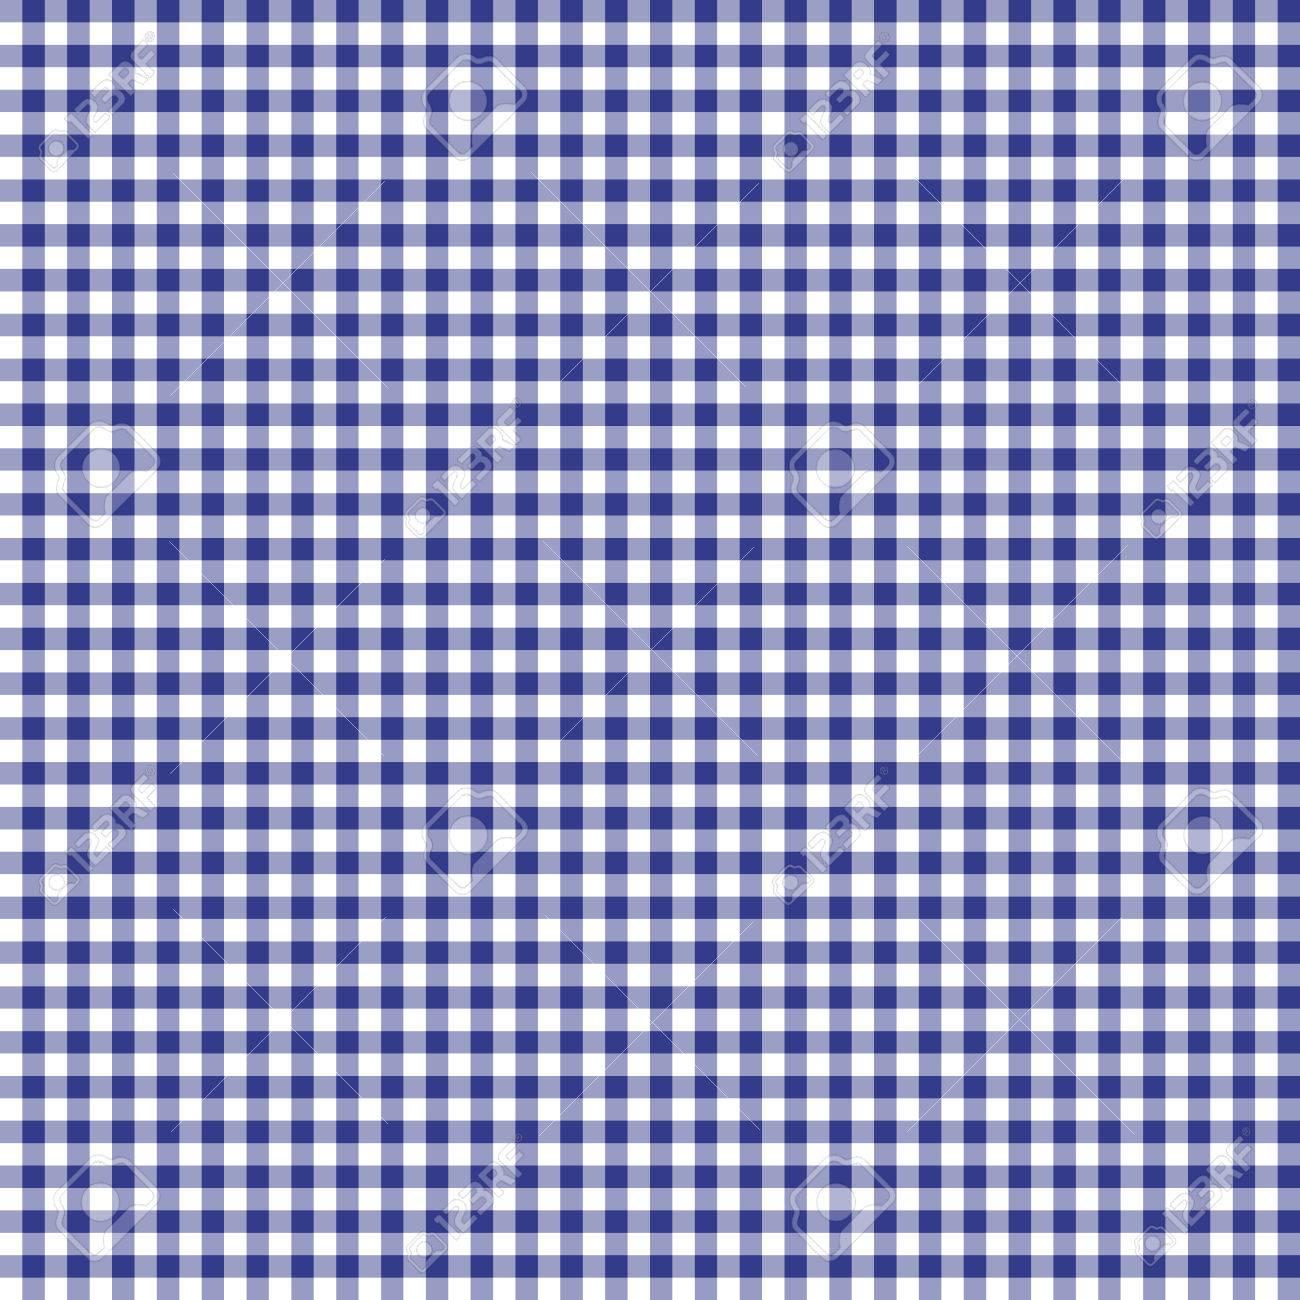 Le Due Tonalit Di Colore Blu E Bianco Clipart Royalty Free